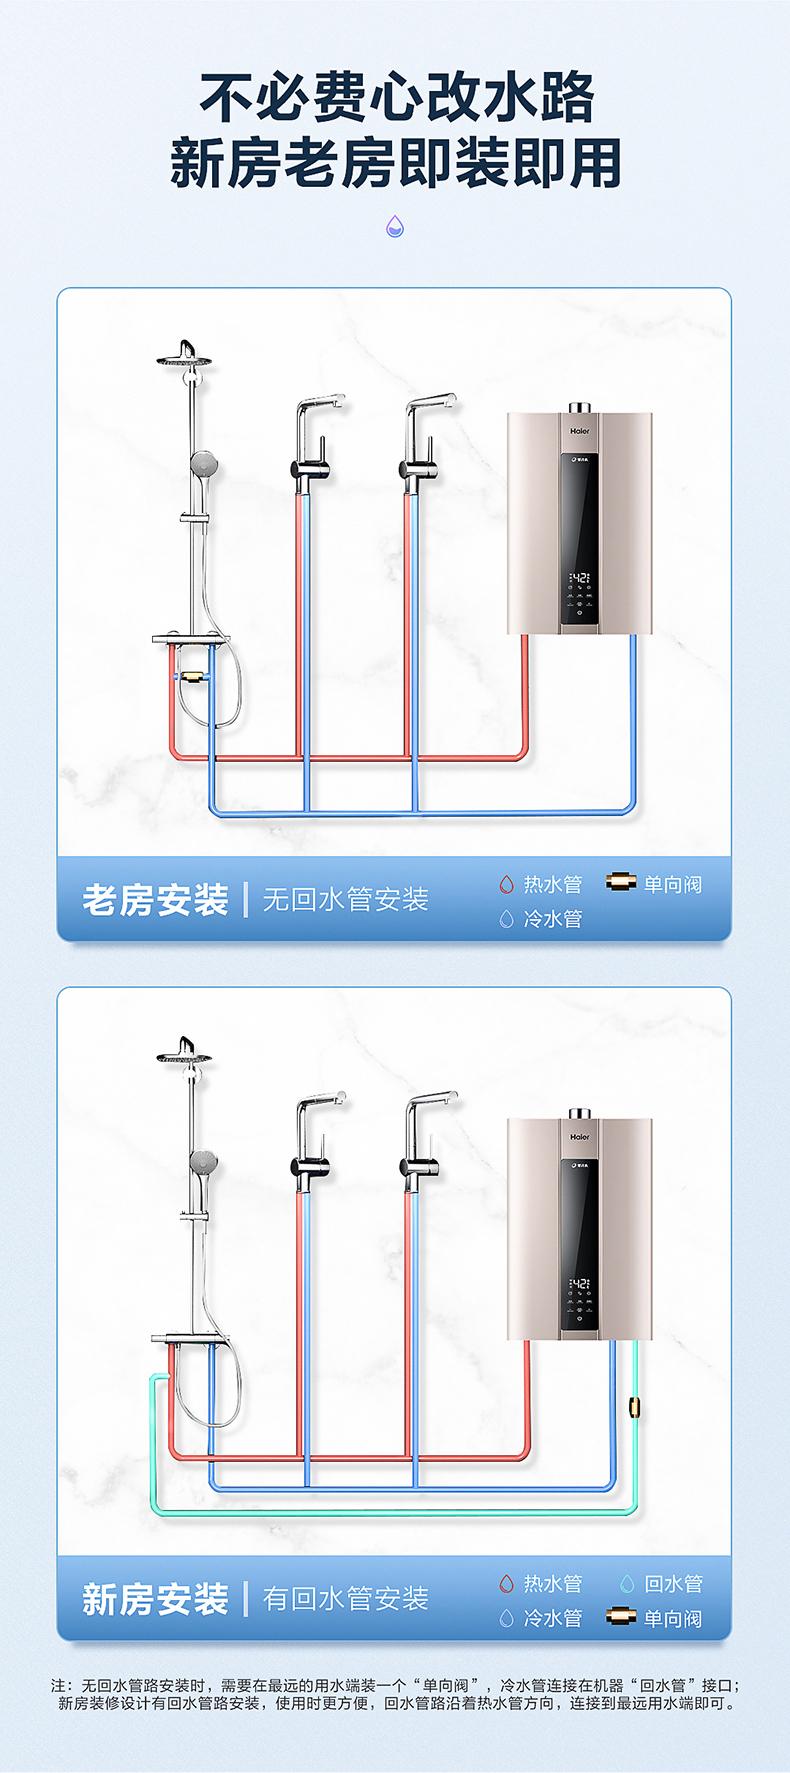 海尔零冷水家用瓦斯燃气热水器强排式智能恆温洗澡防冻升详细照片